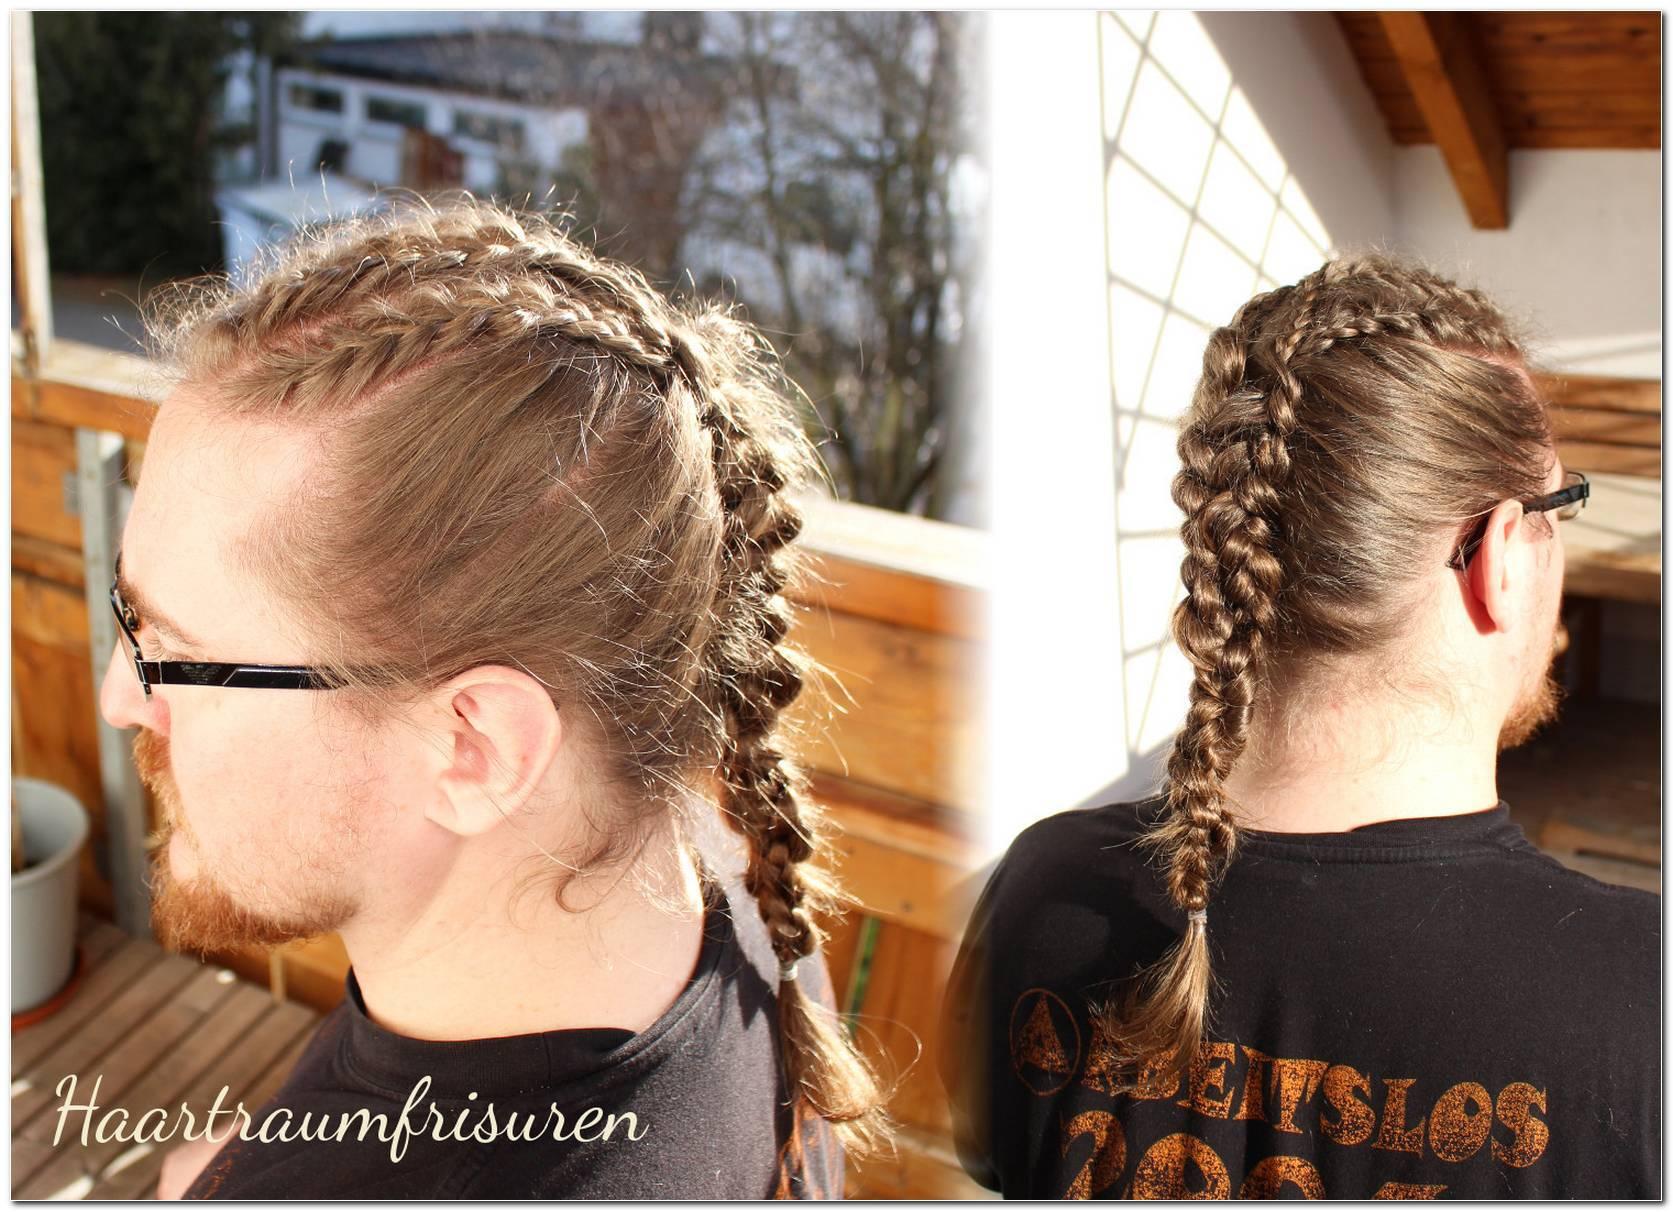 Vikings Frisuren M%C3%A4Nner Anleitung